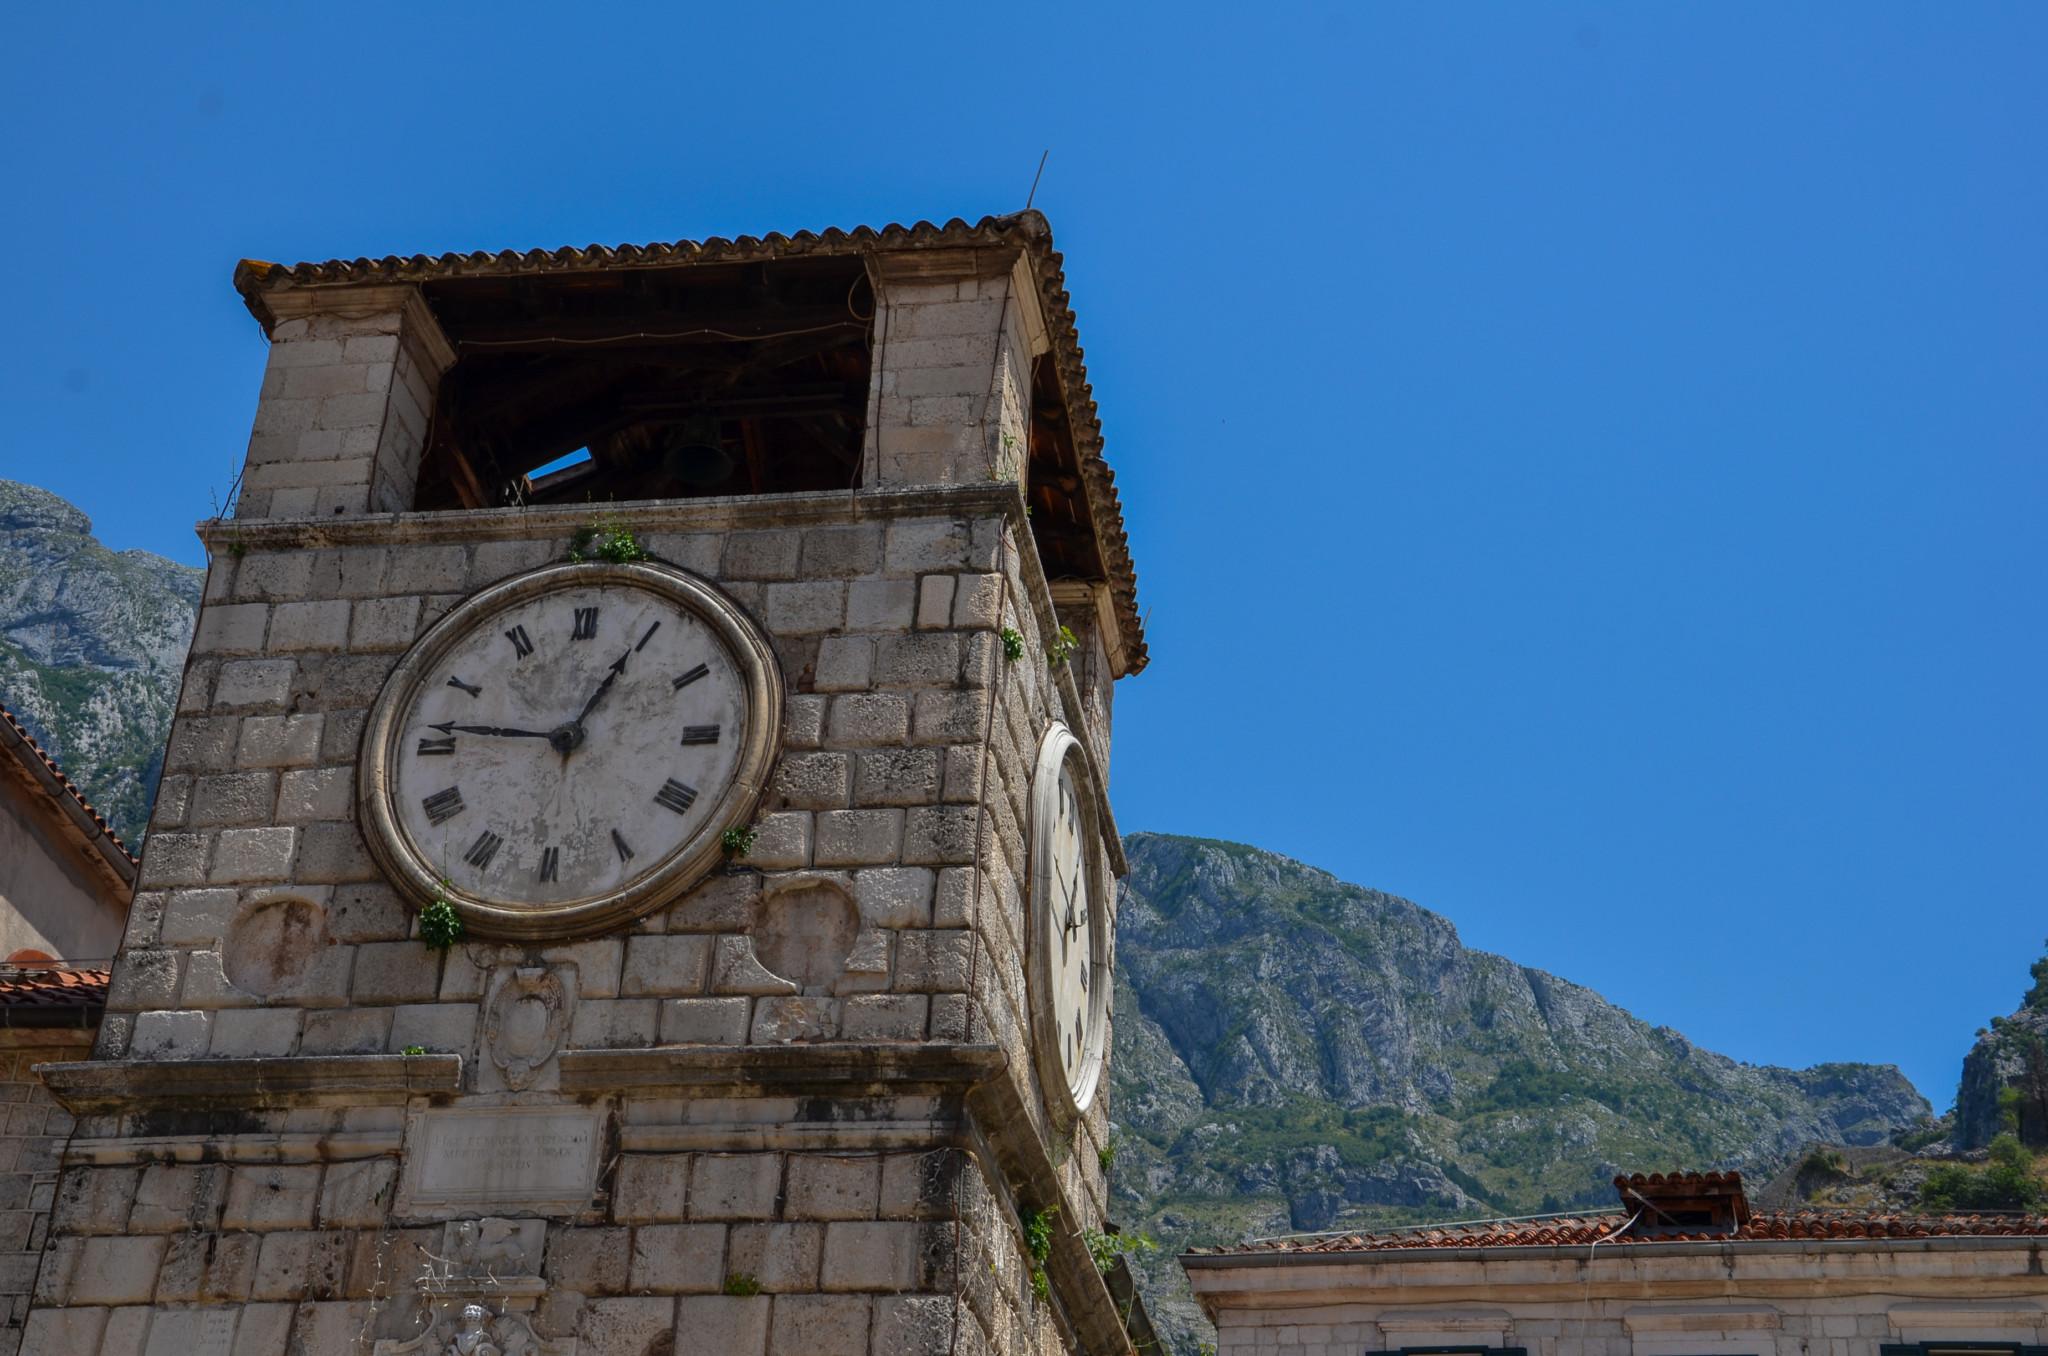 Der Uhrturm am Platz der Oktoberrevolution in Kotor